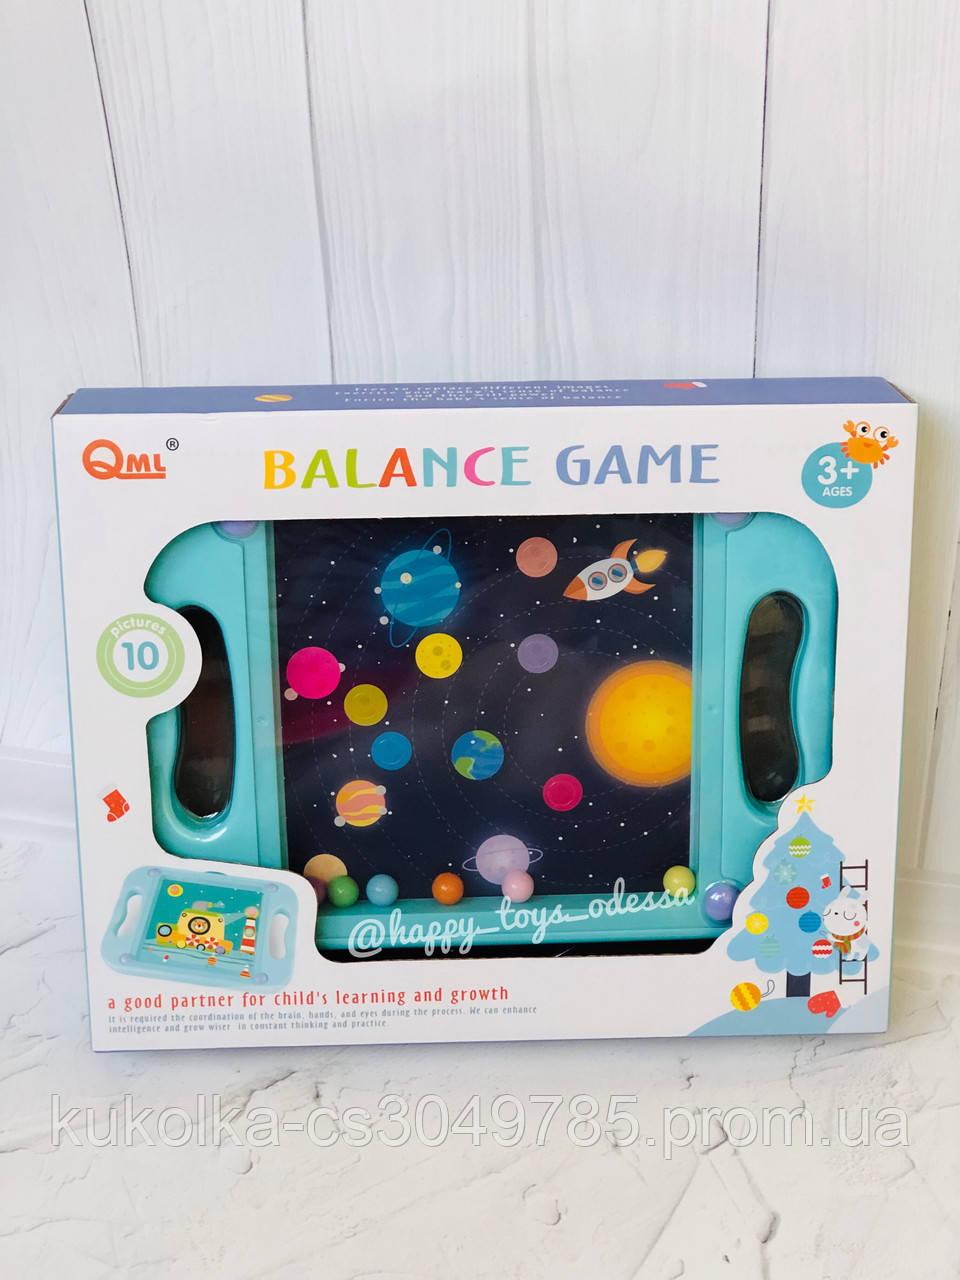 Развивающая игра « Балансир » со сменными картинками